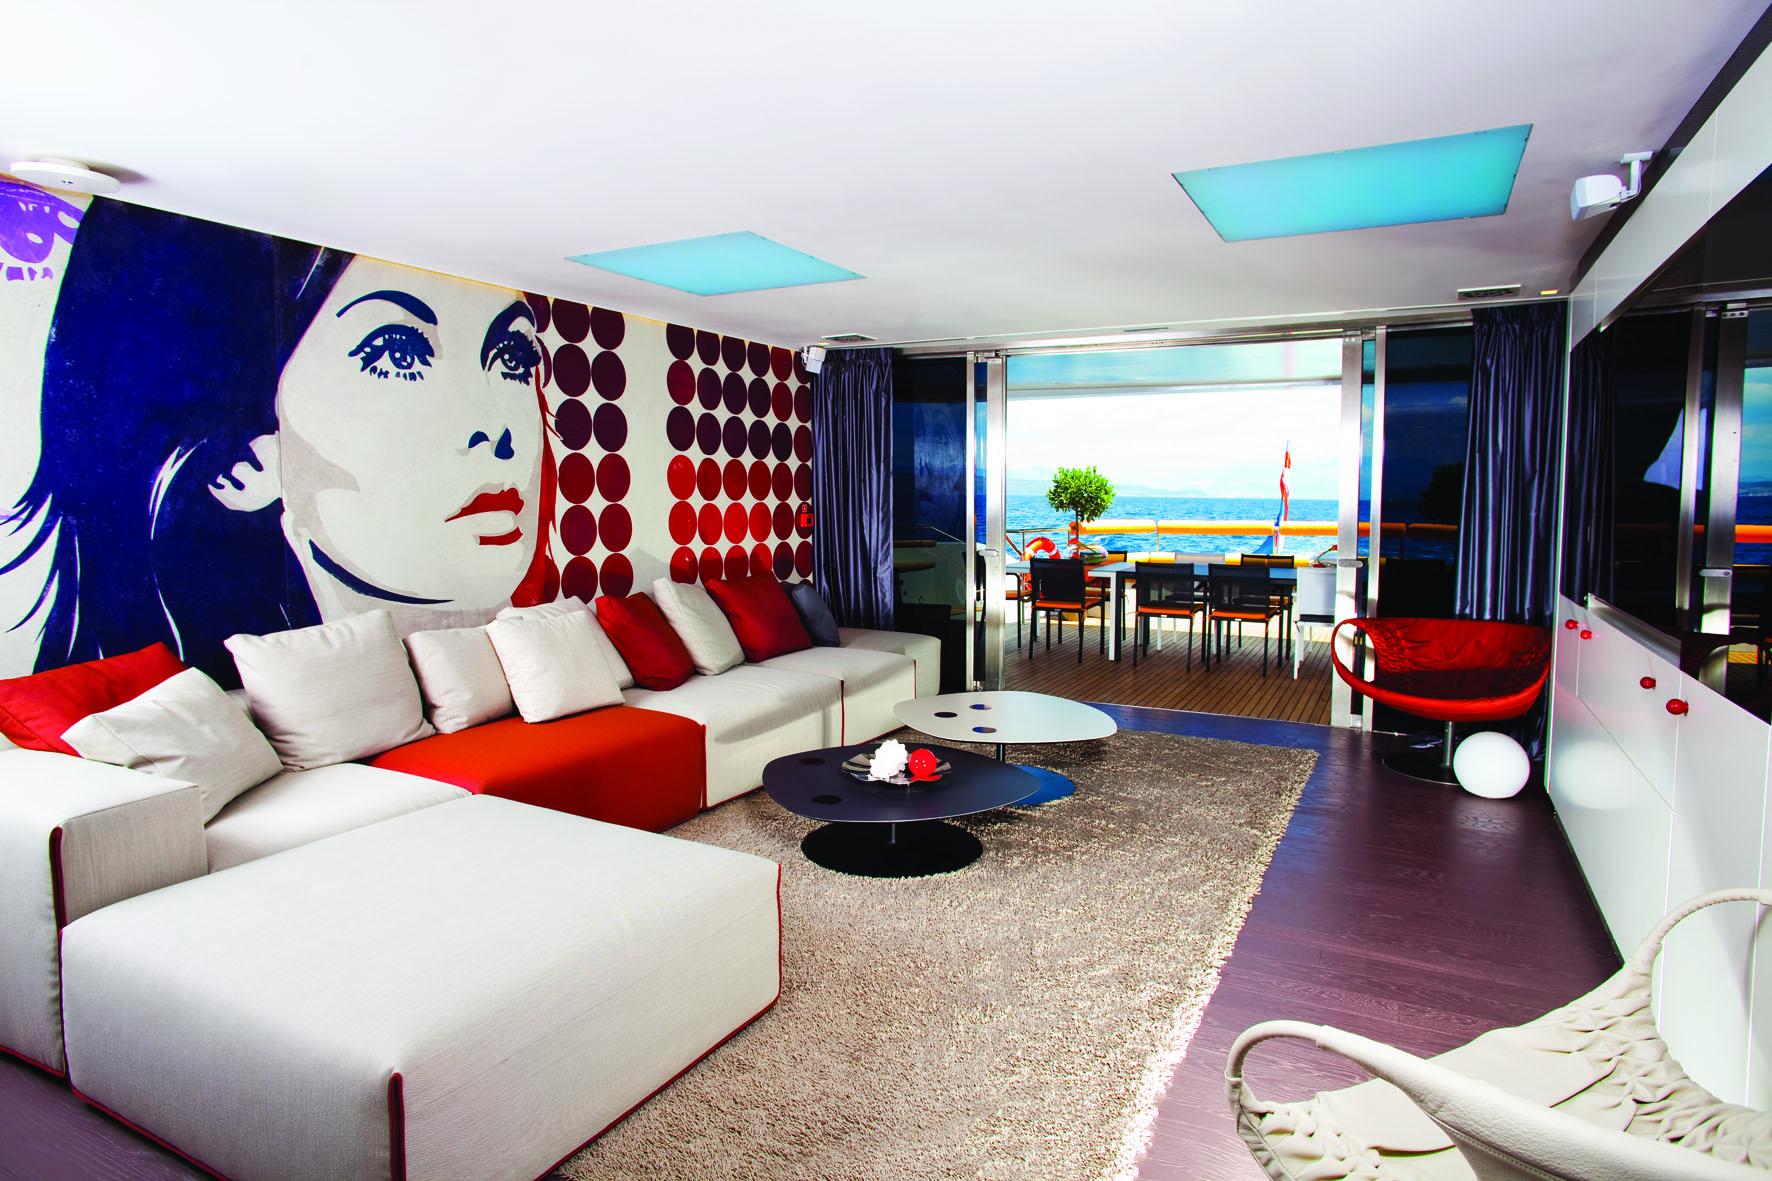 Superyacht joy me main saloon interior by marijana for Main room interior design